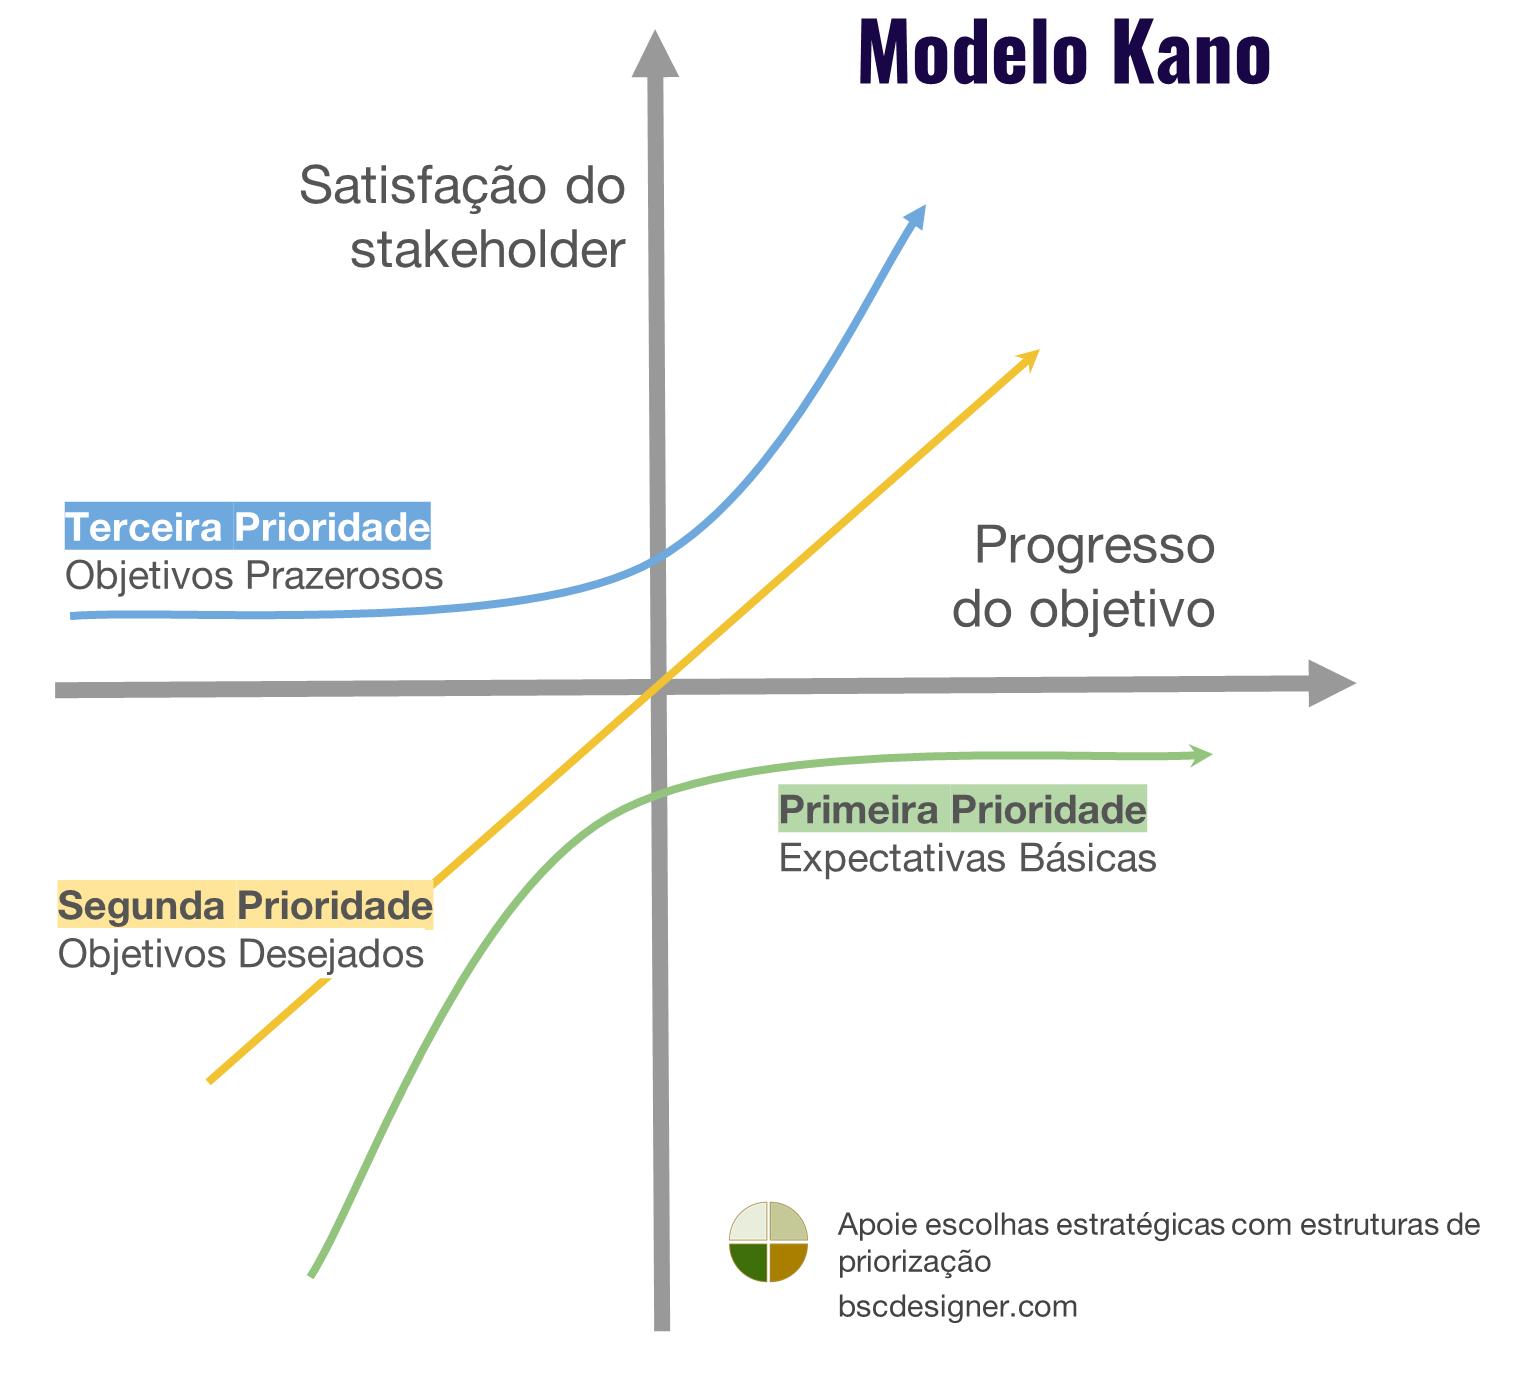 Gráfico do Modelo Kano